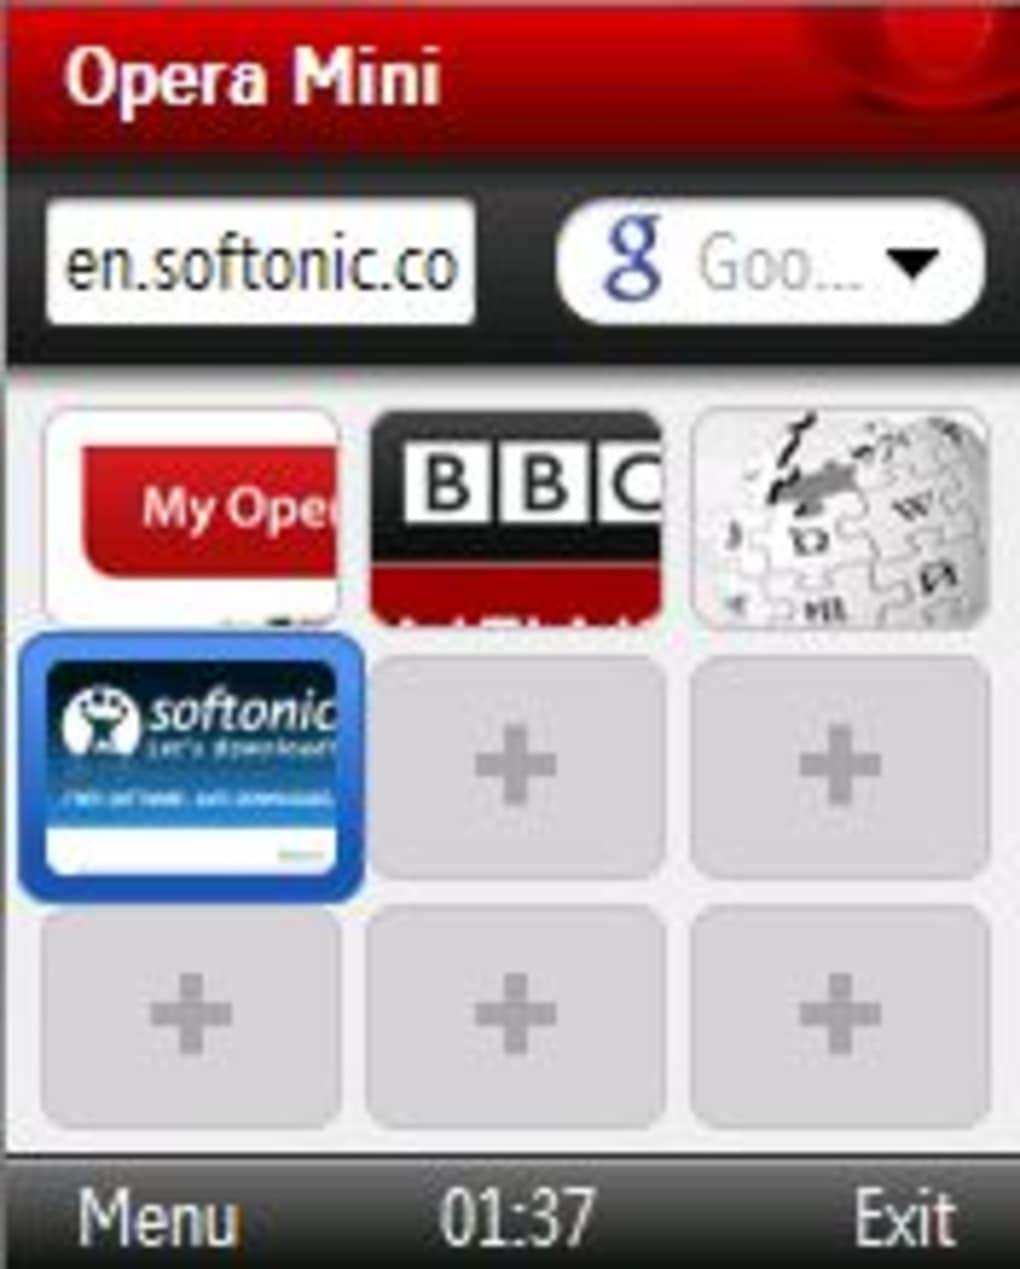 Opera Mini Download For Pc Windows 10 : opera, download, windows, Opera, Download, Windows, Phones, Forumsclever